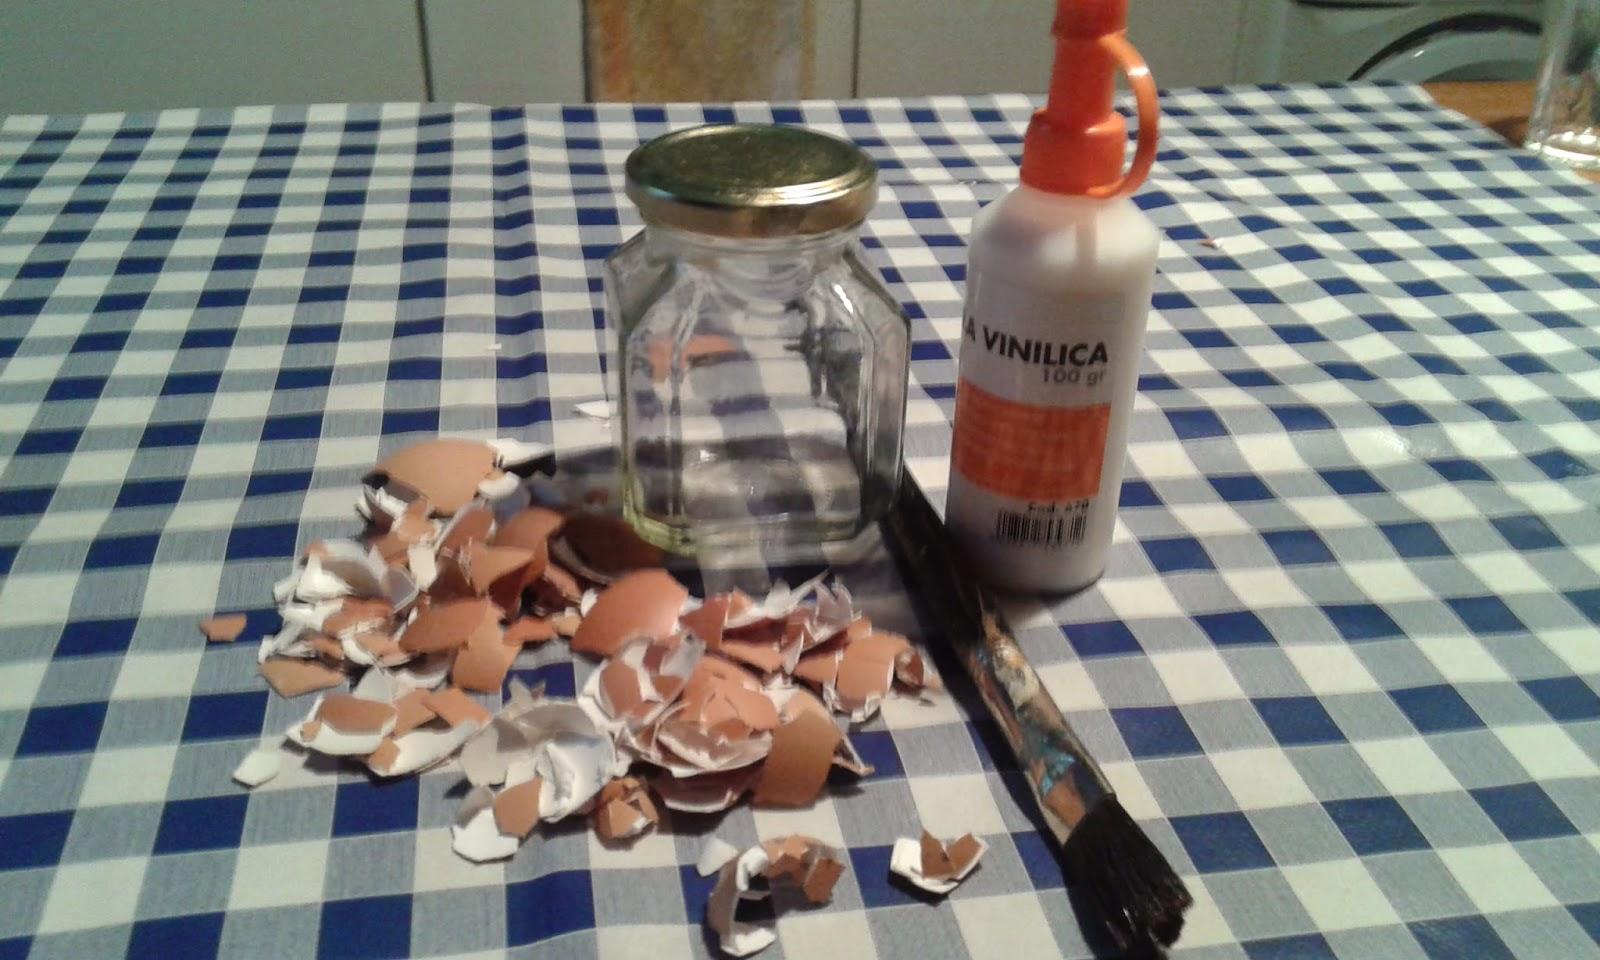 Centomilaidee come decorare un barattolo con i gusci - Come decorare un barattolo ...